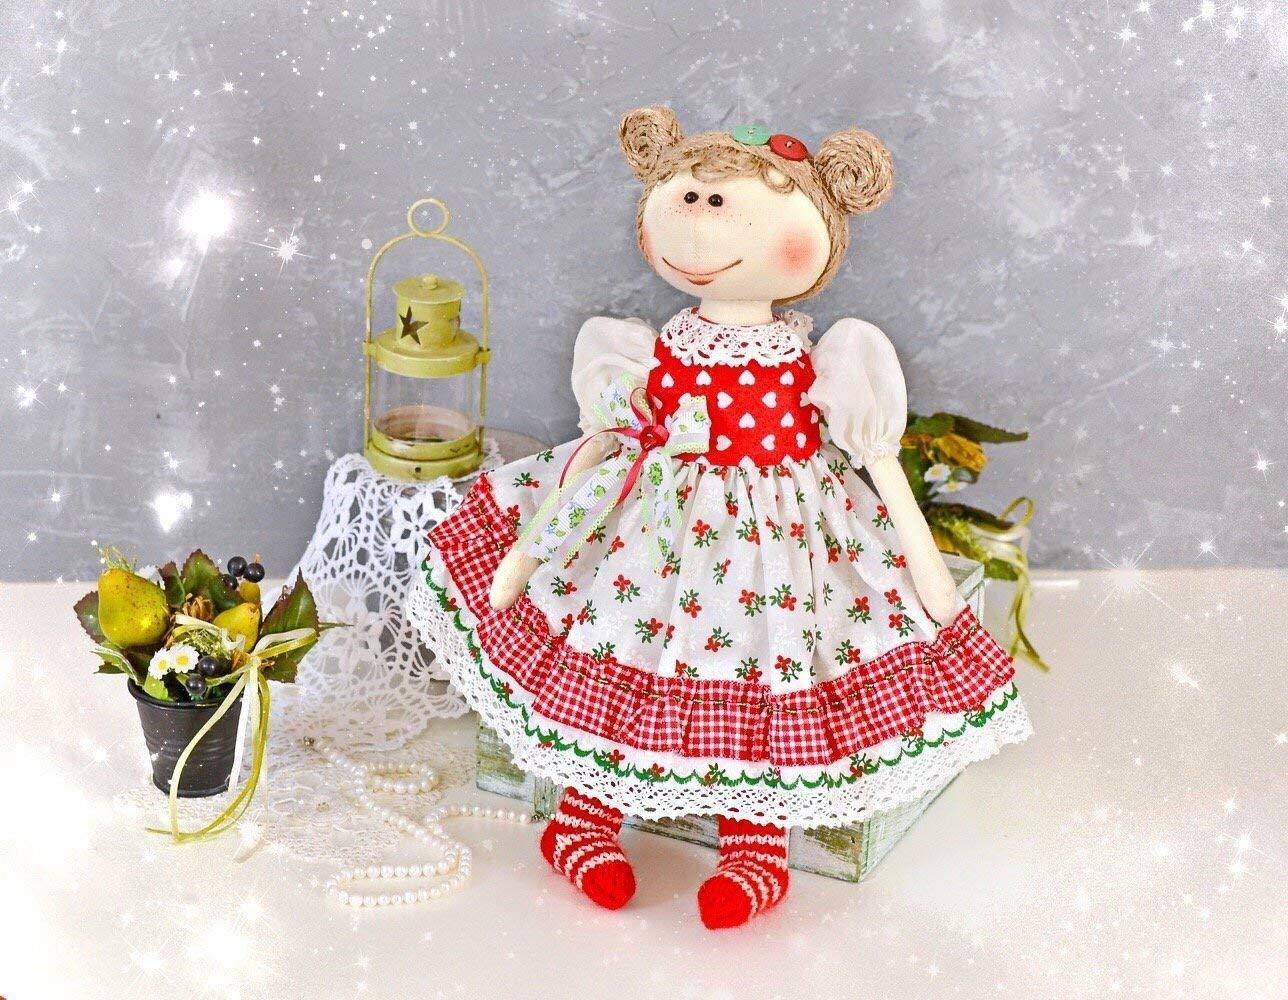 Red Cloth Dolls Interior Toy Handmade Rag Doll 15 Inch